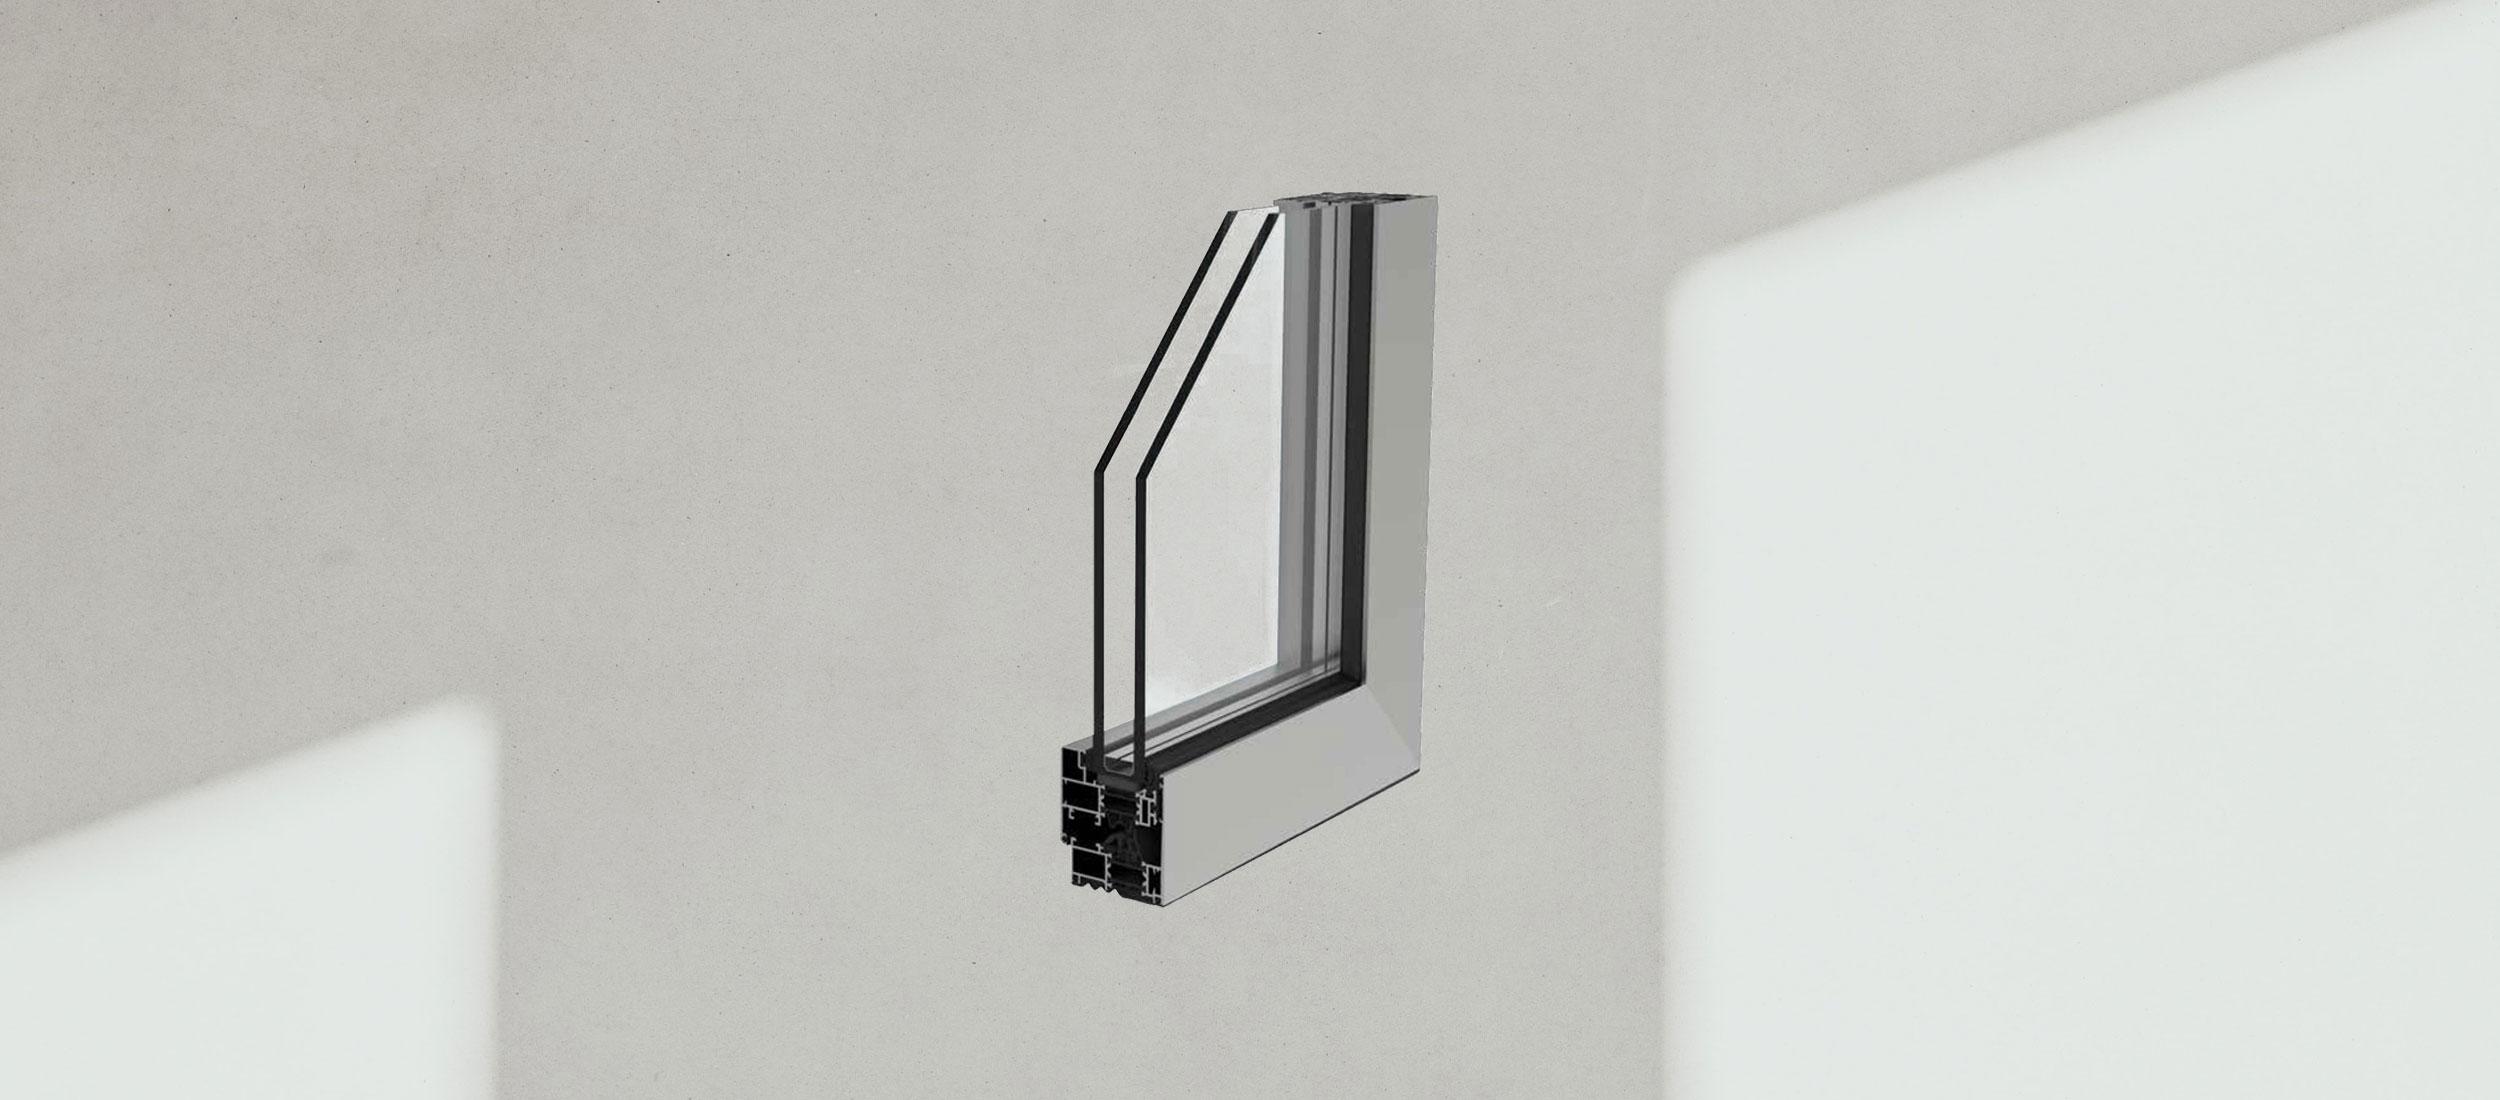 framobil anteprima alluminio